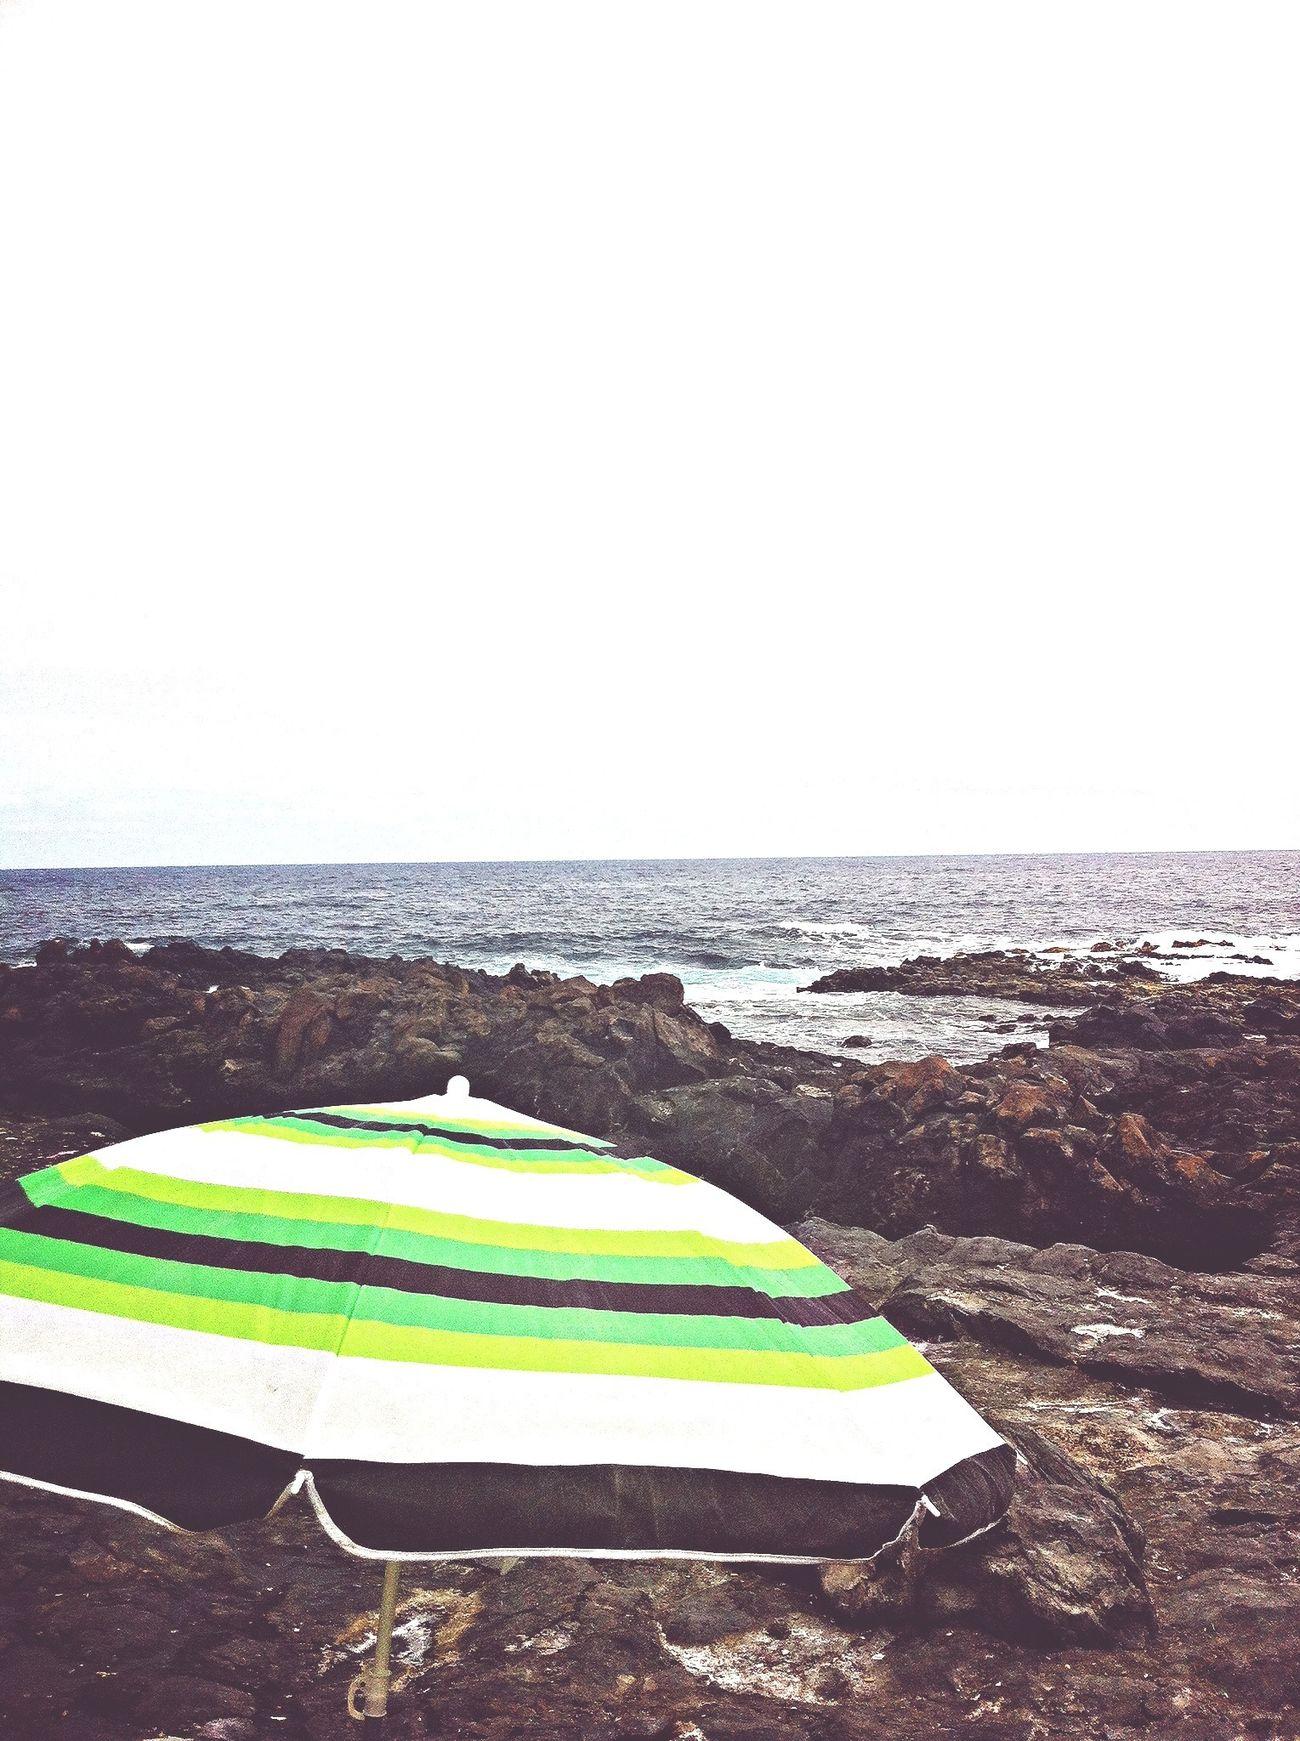 SoMbreándose Sombrilla Umbrella Sky And Sea 25daysofsummer